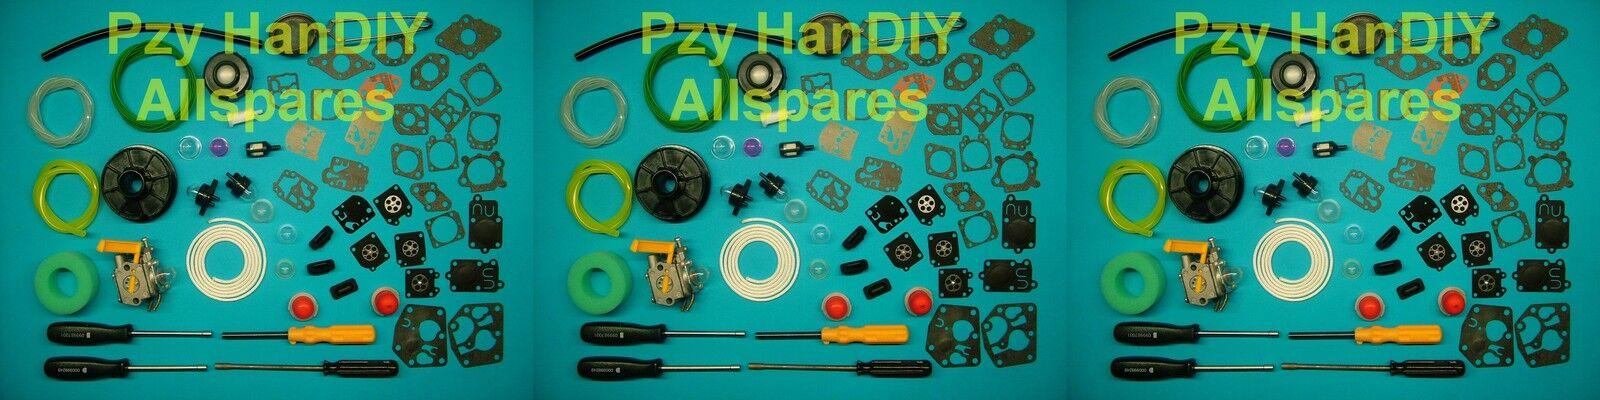 Pzy HanDIY Allspares